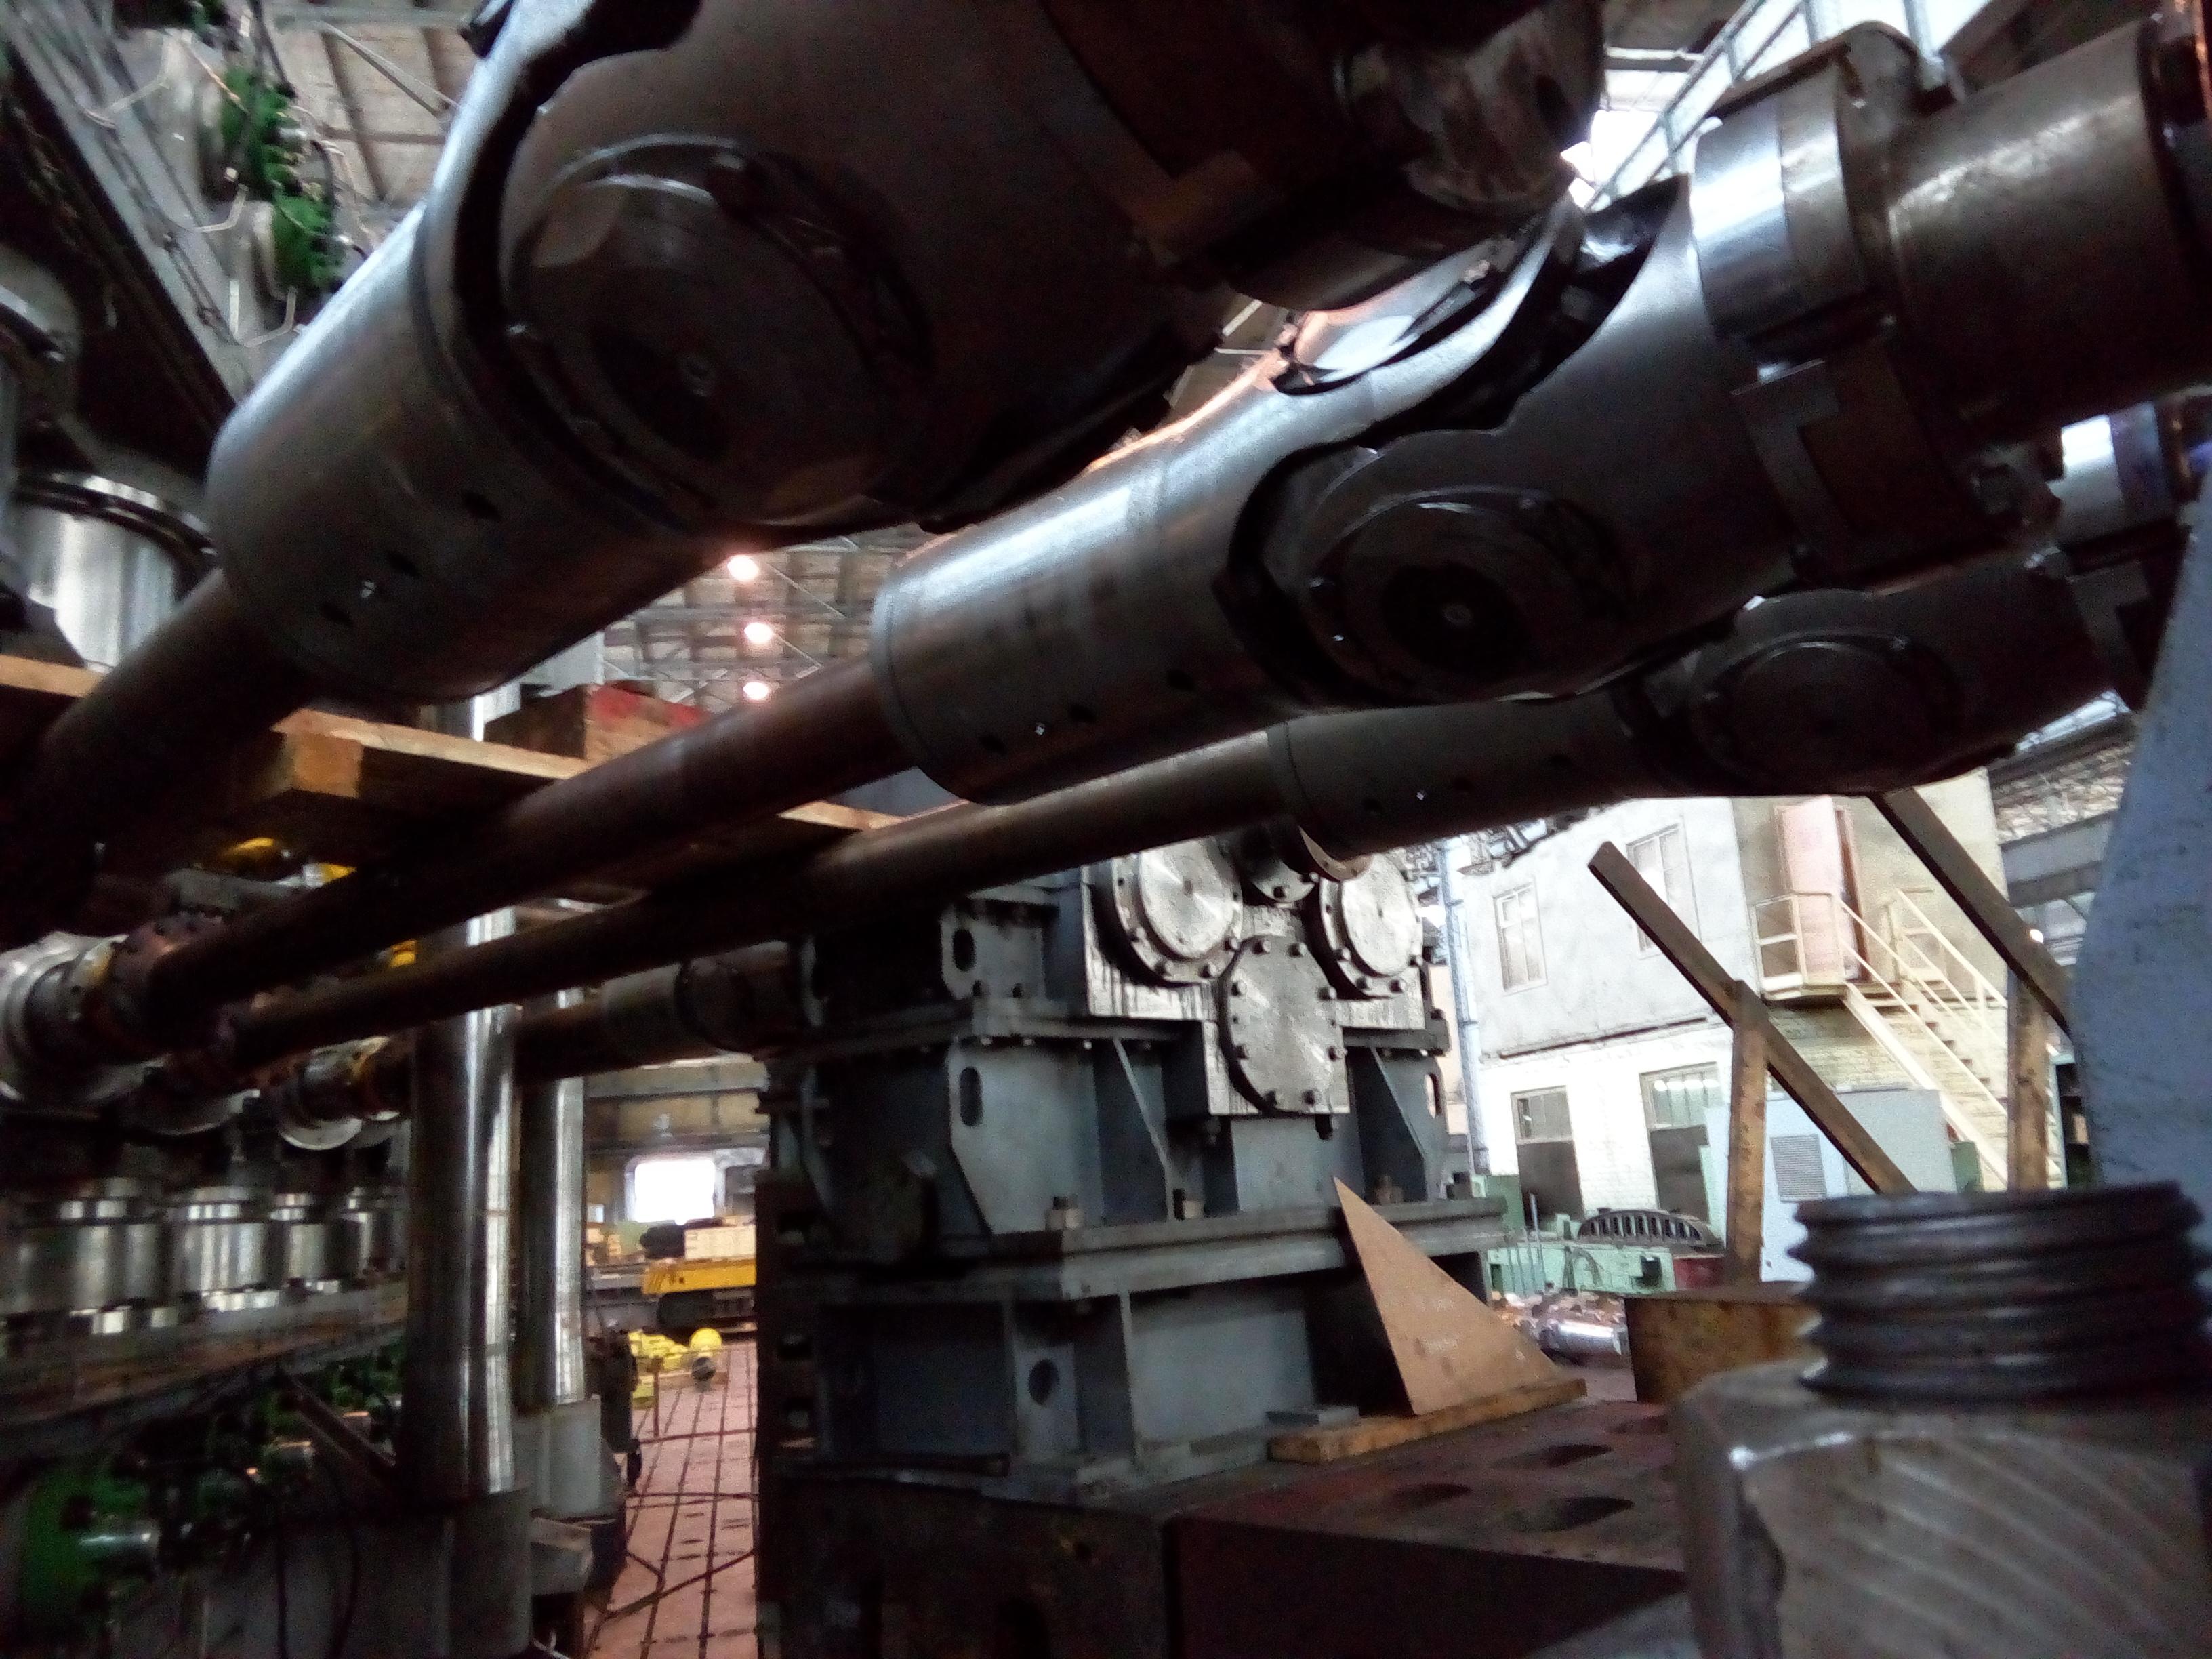 Завод дробильного оборудования в Электросталь зернодробилка купить в г.арзамасс